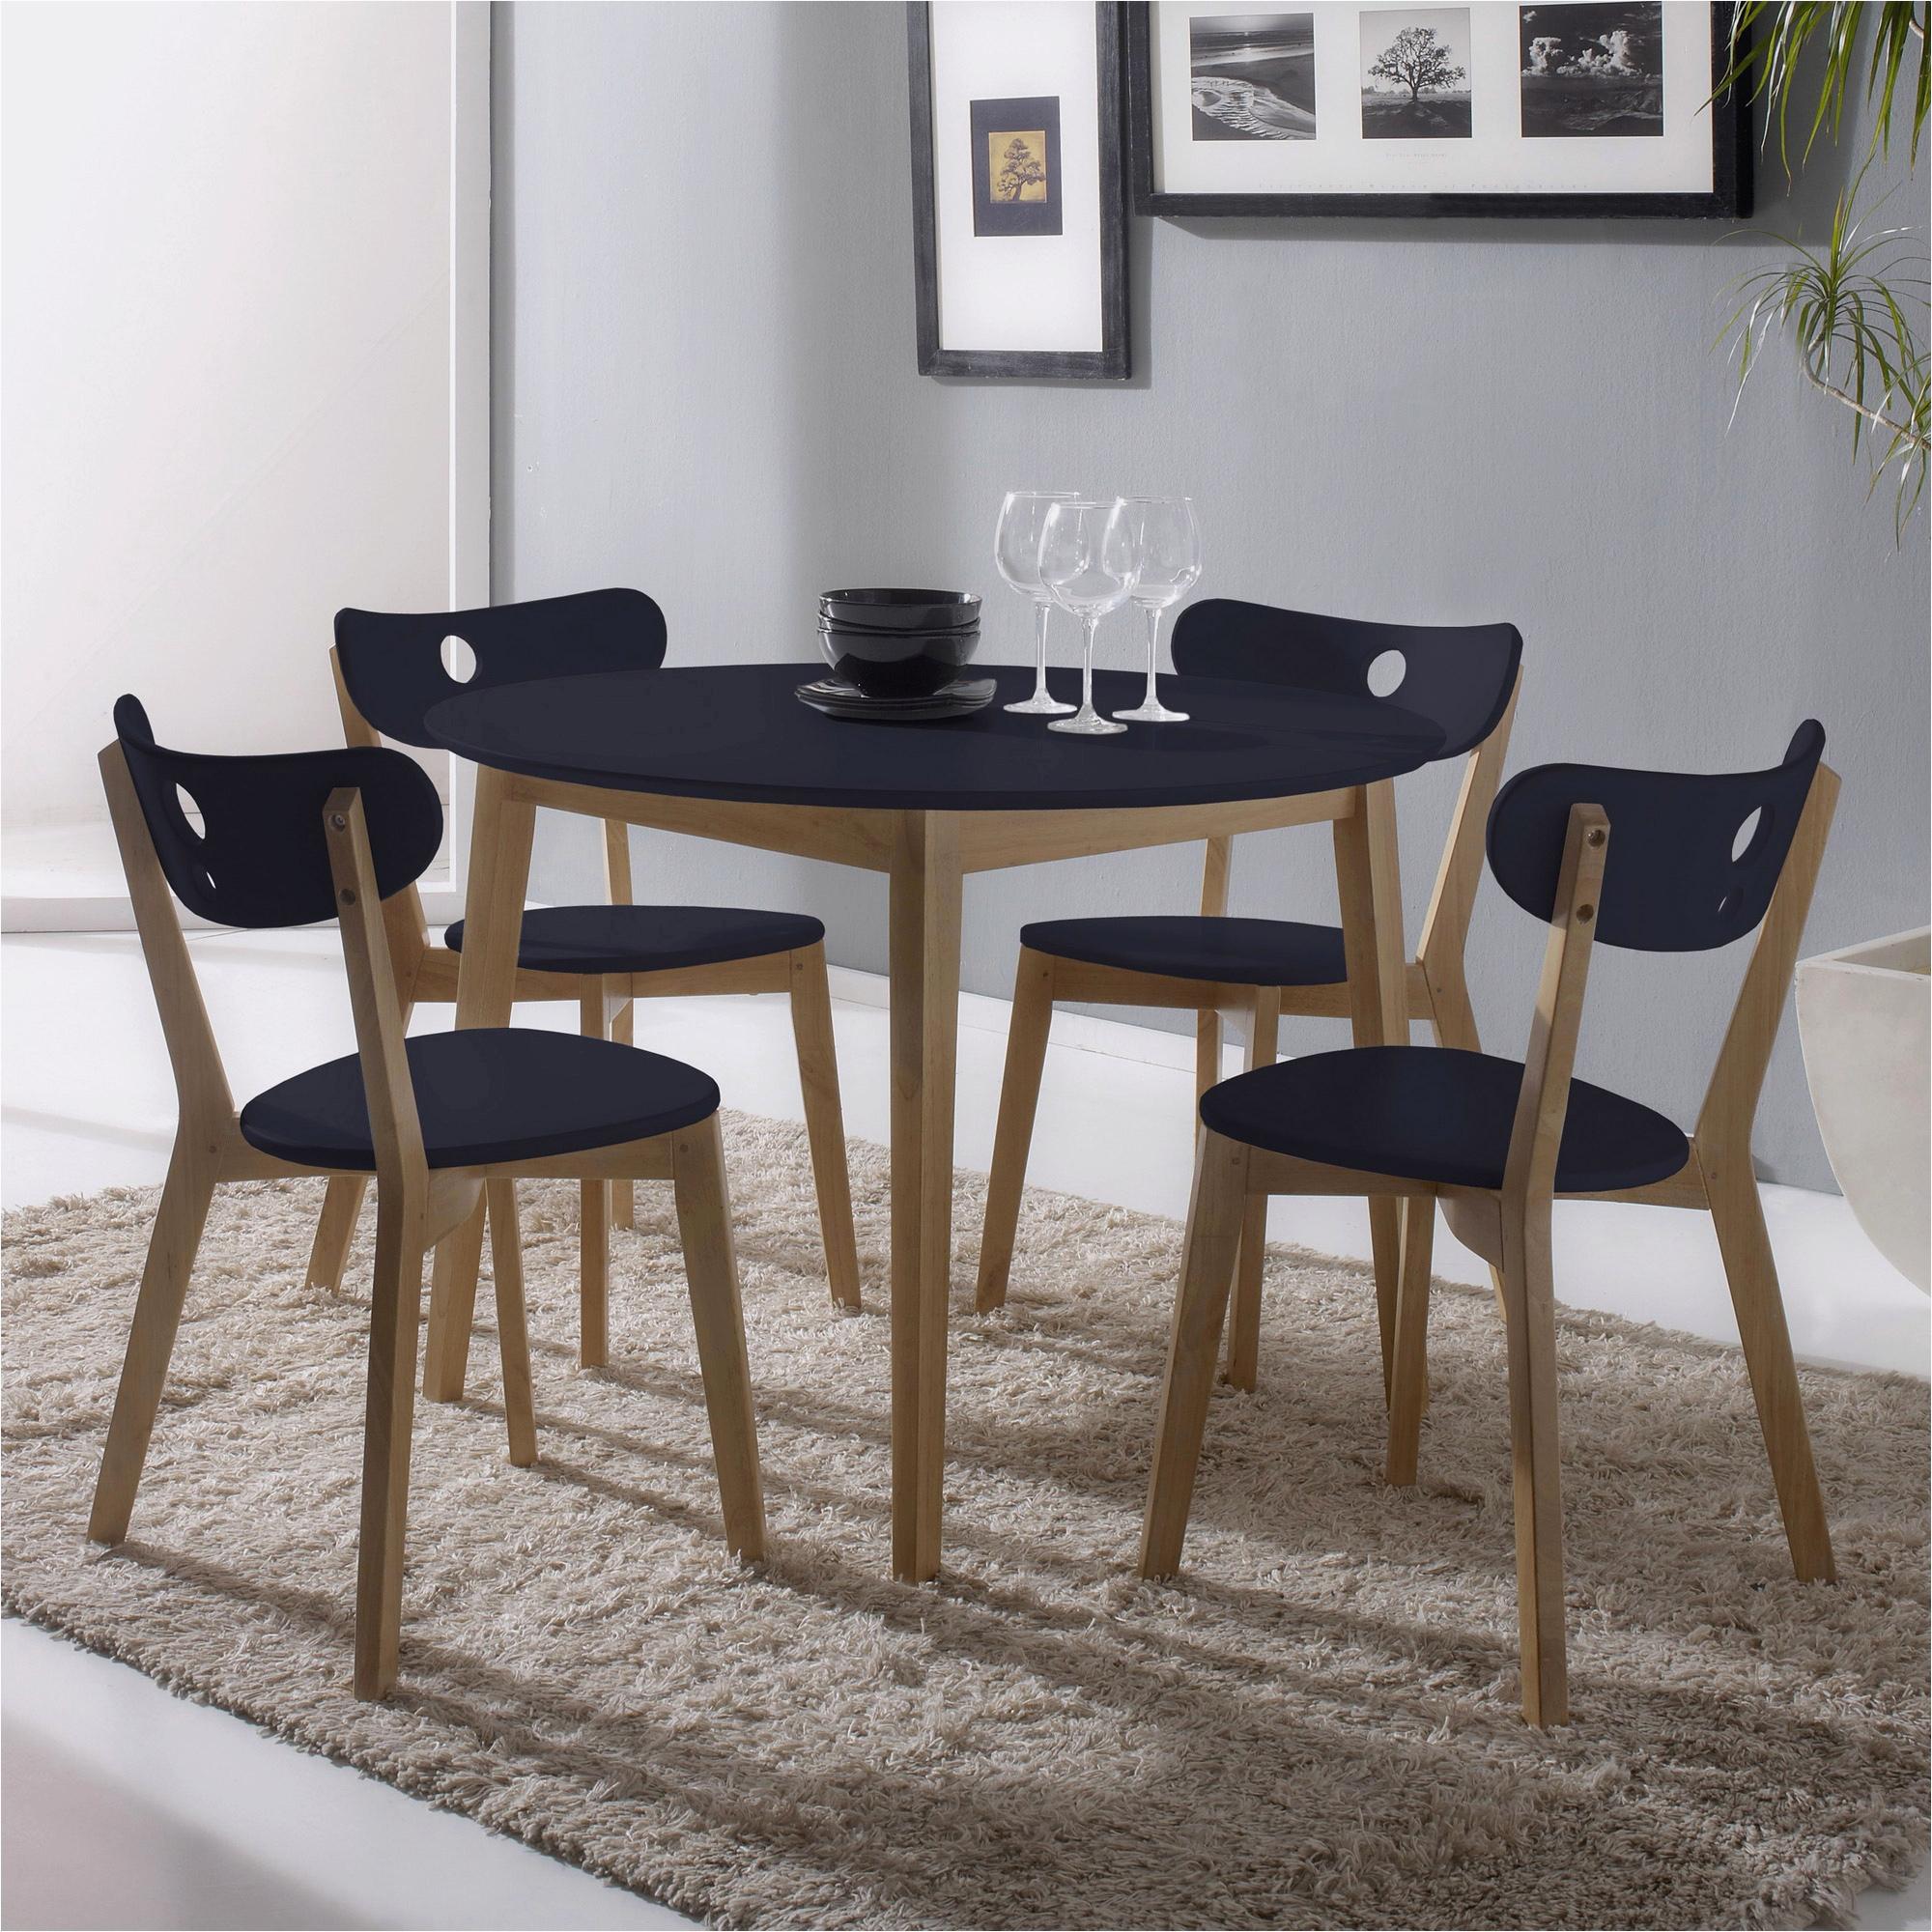 Table Salon Conforama Luxe Galerie 40 Nouveau Table Salon Conforama